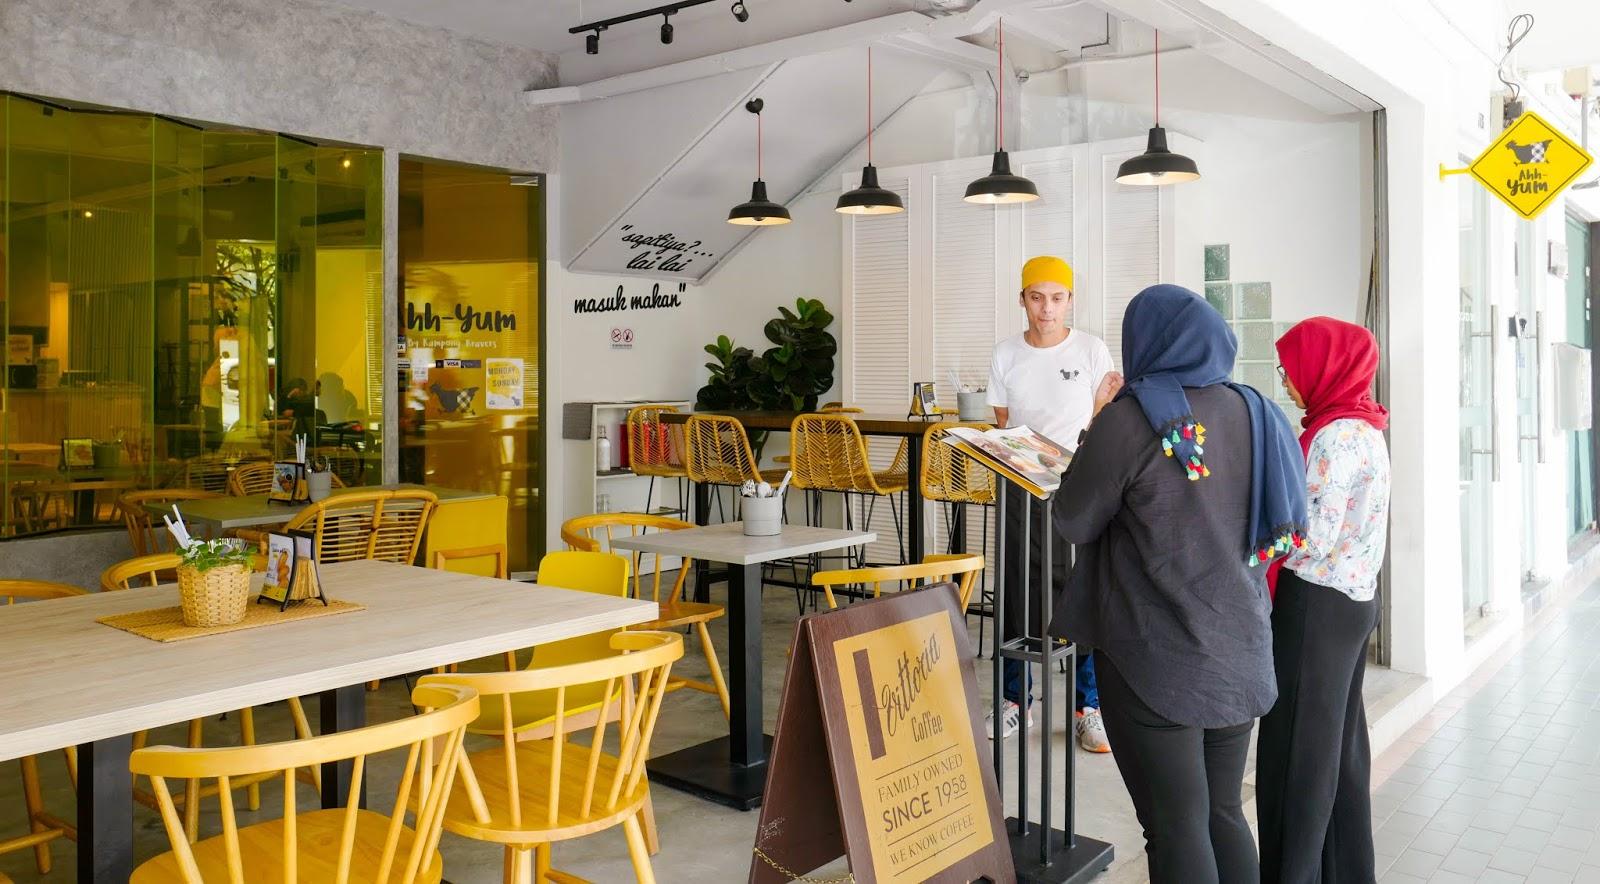 ahh-yum by kampong kravers, bukit damansara